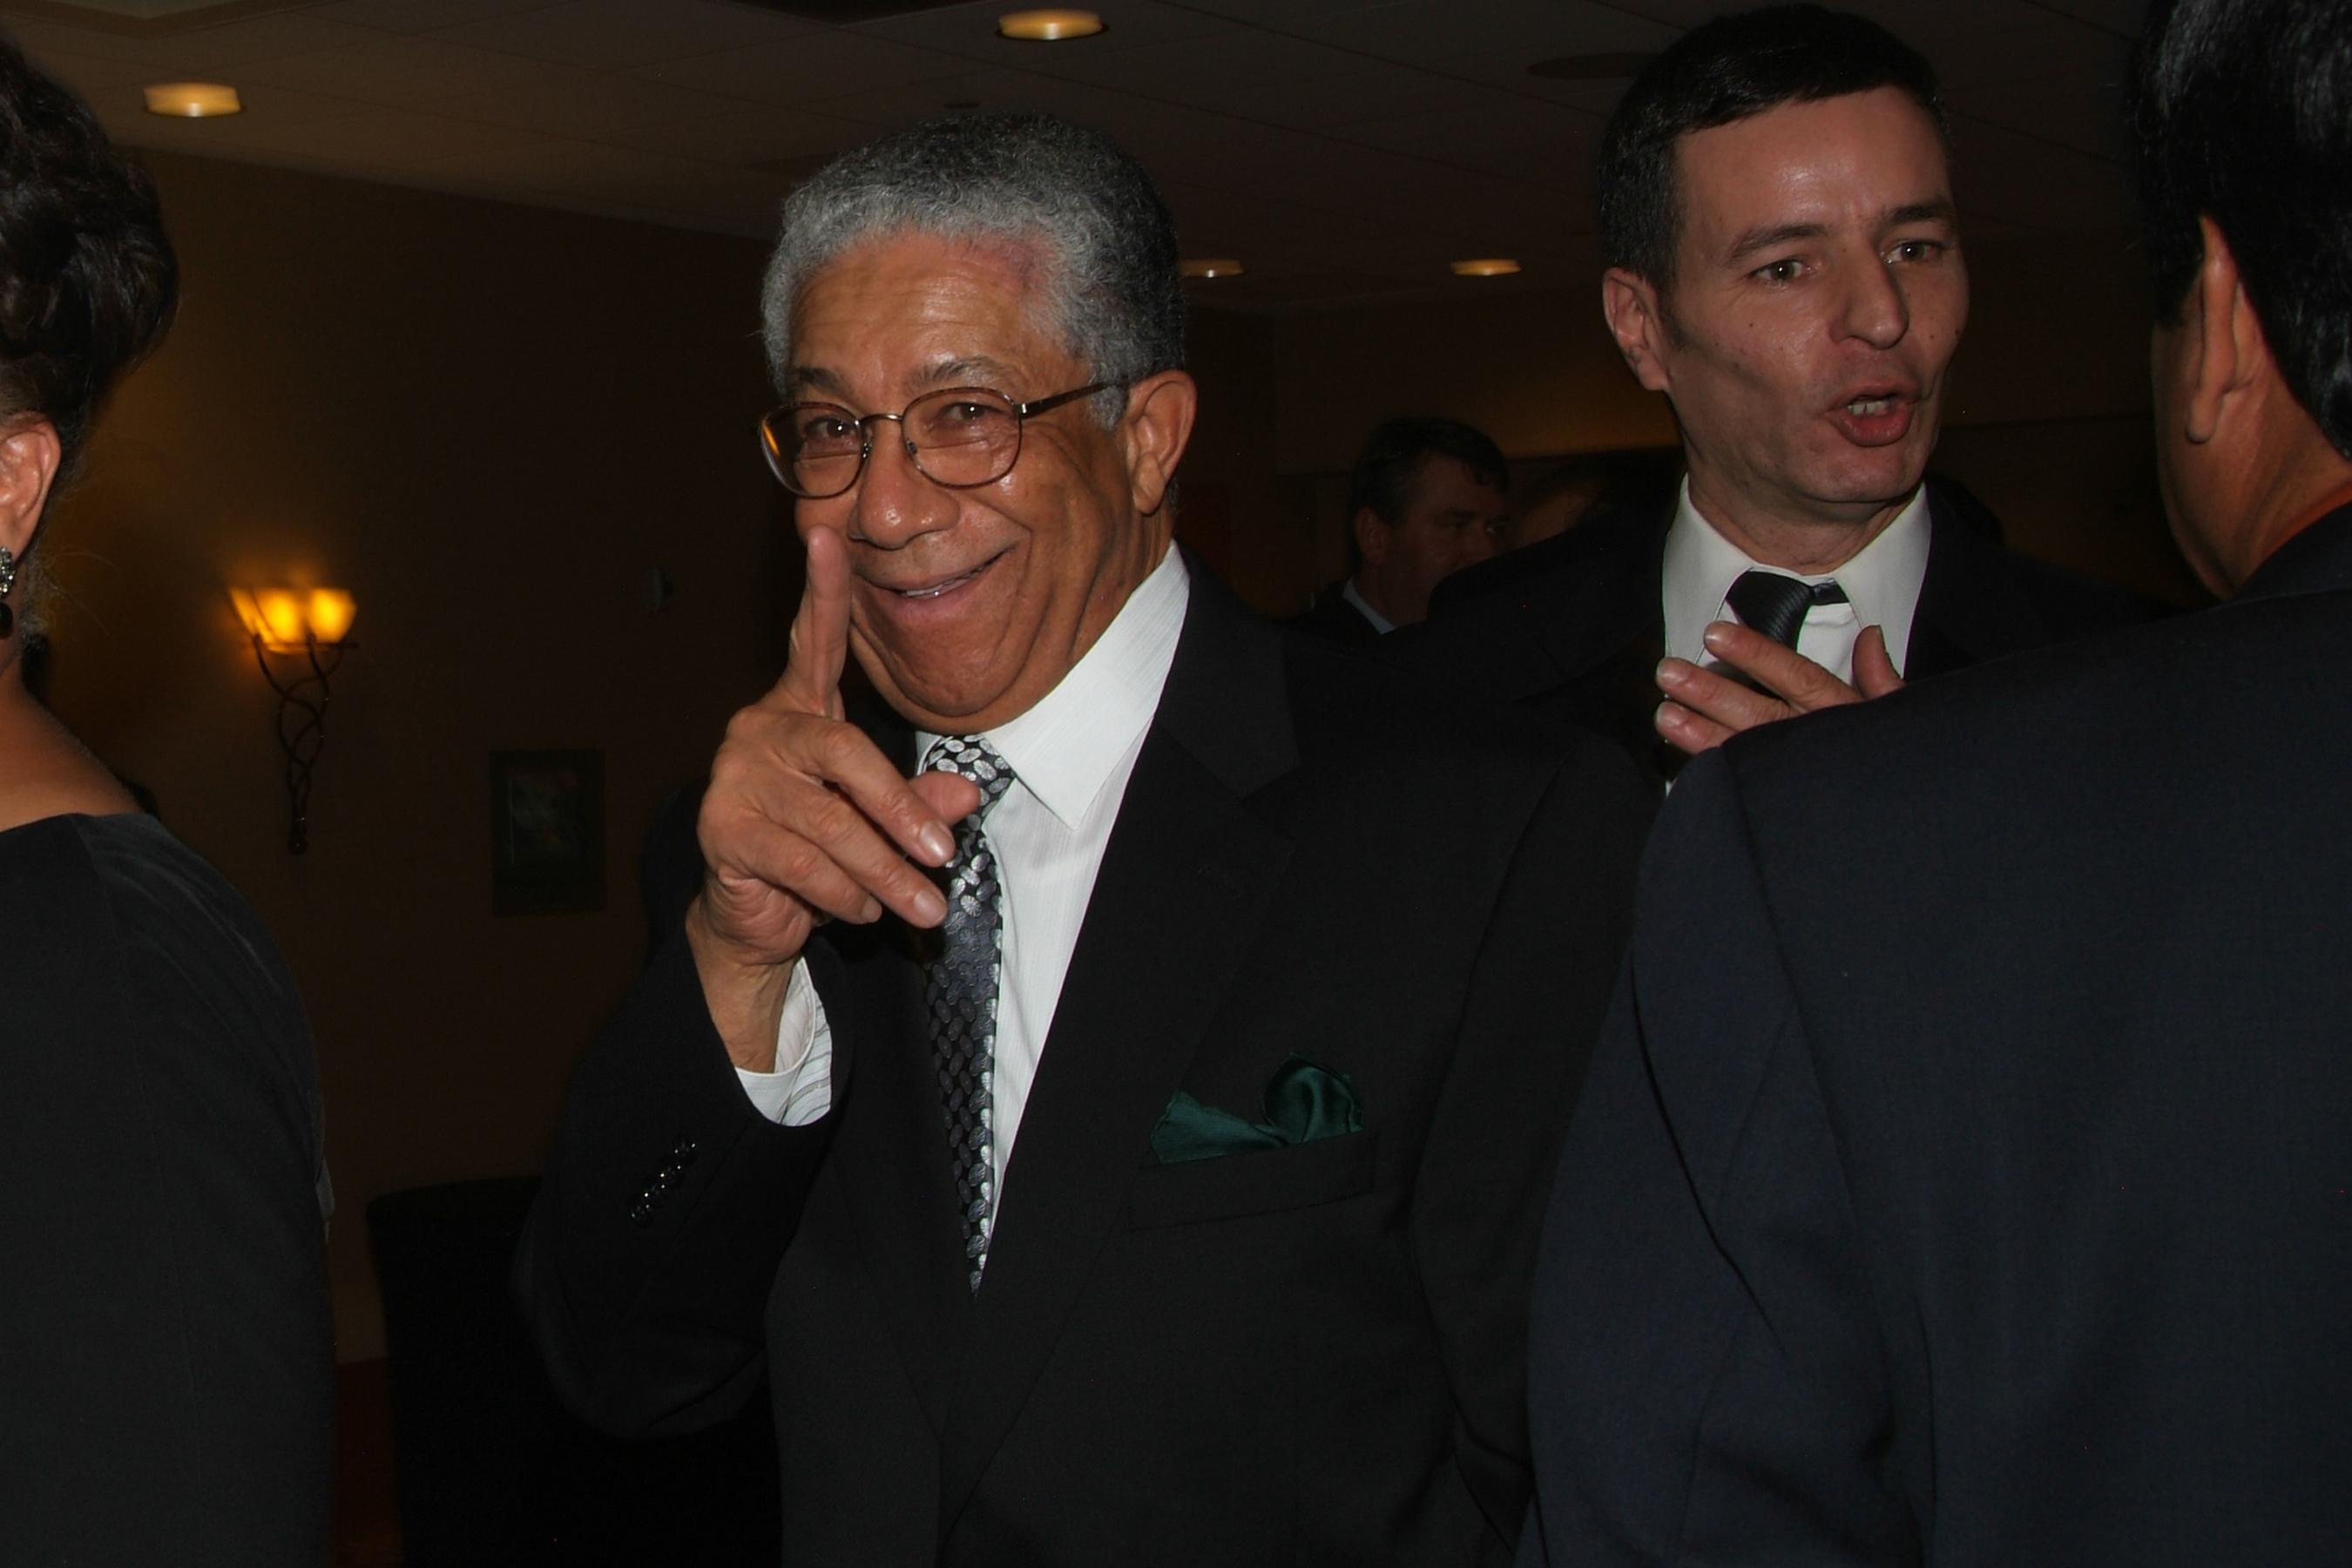 Al Harrell